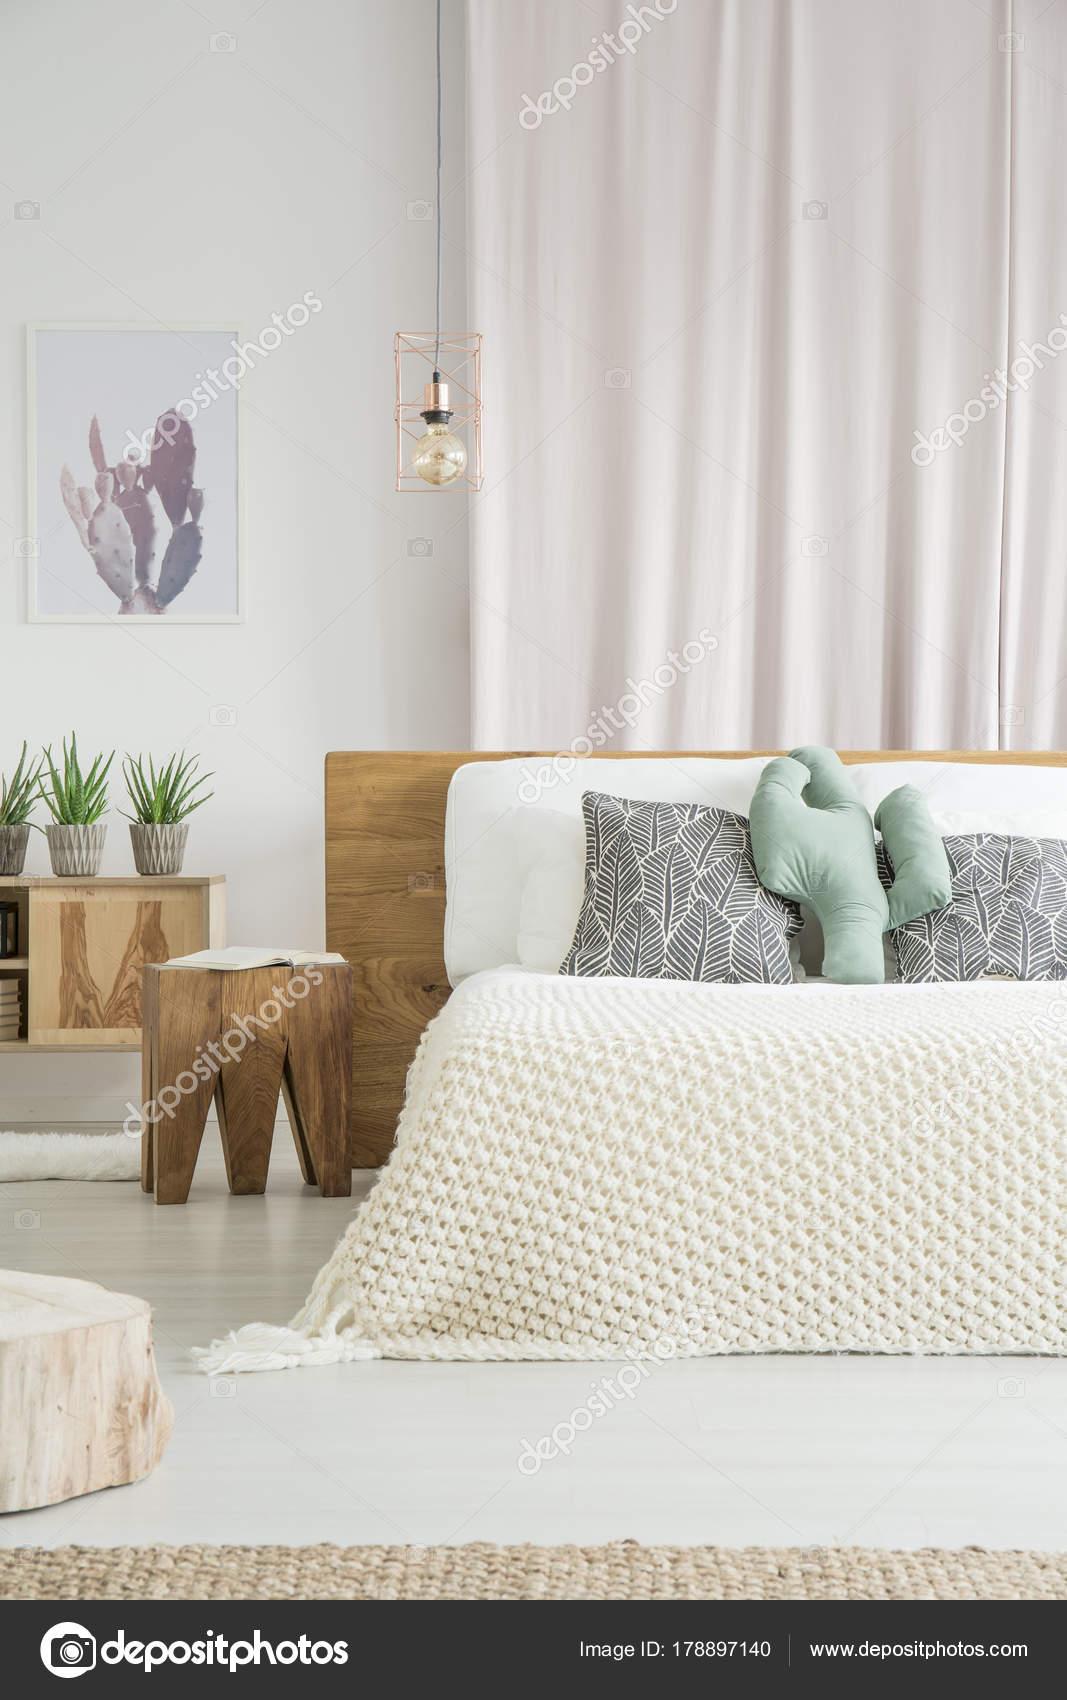 Kaktus-Kissen auf Kingsize-Bett — Stockfoto © photographee.eu #178897140